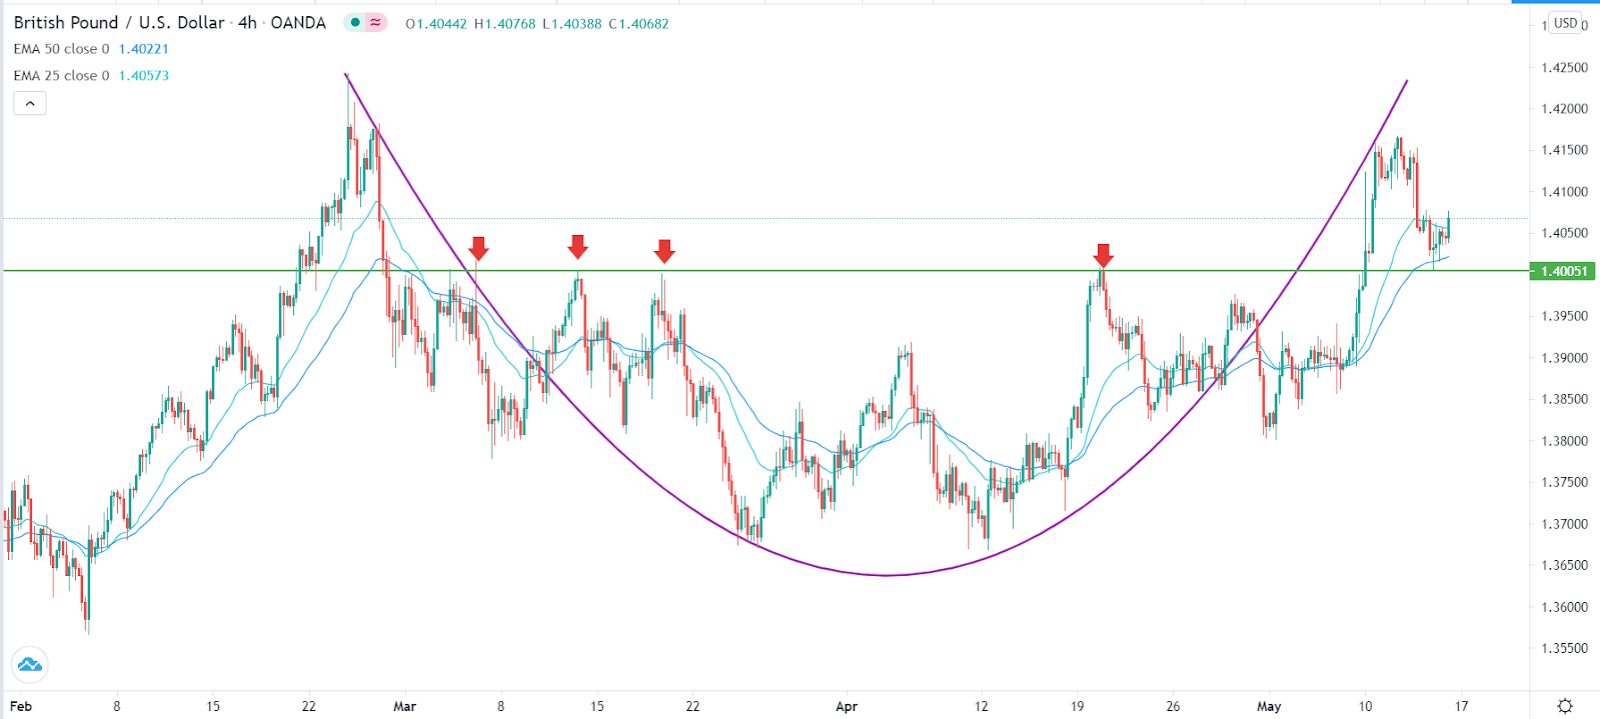 GBP / USD